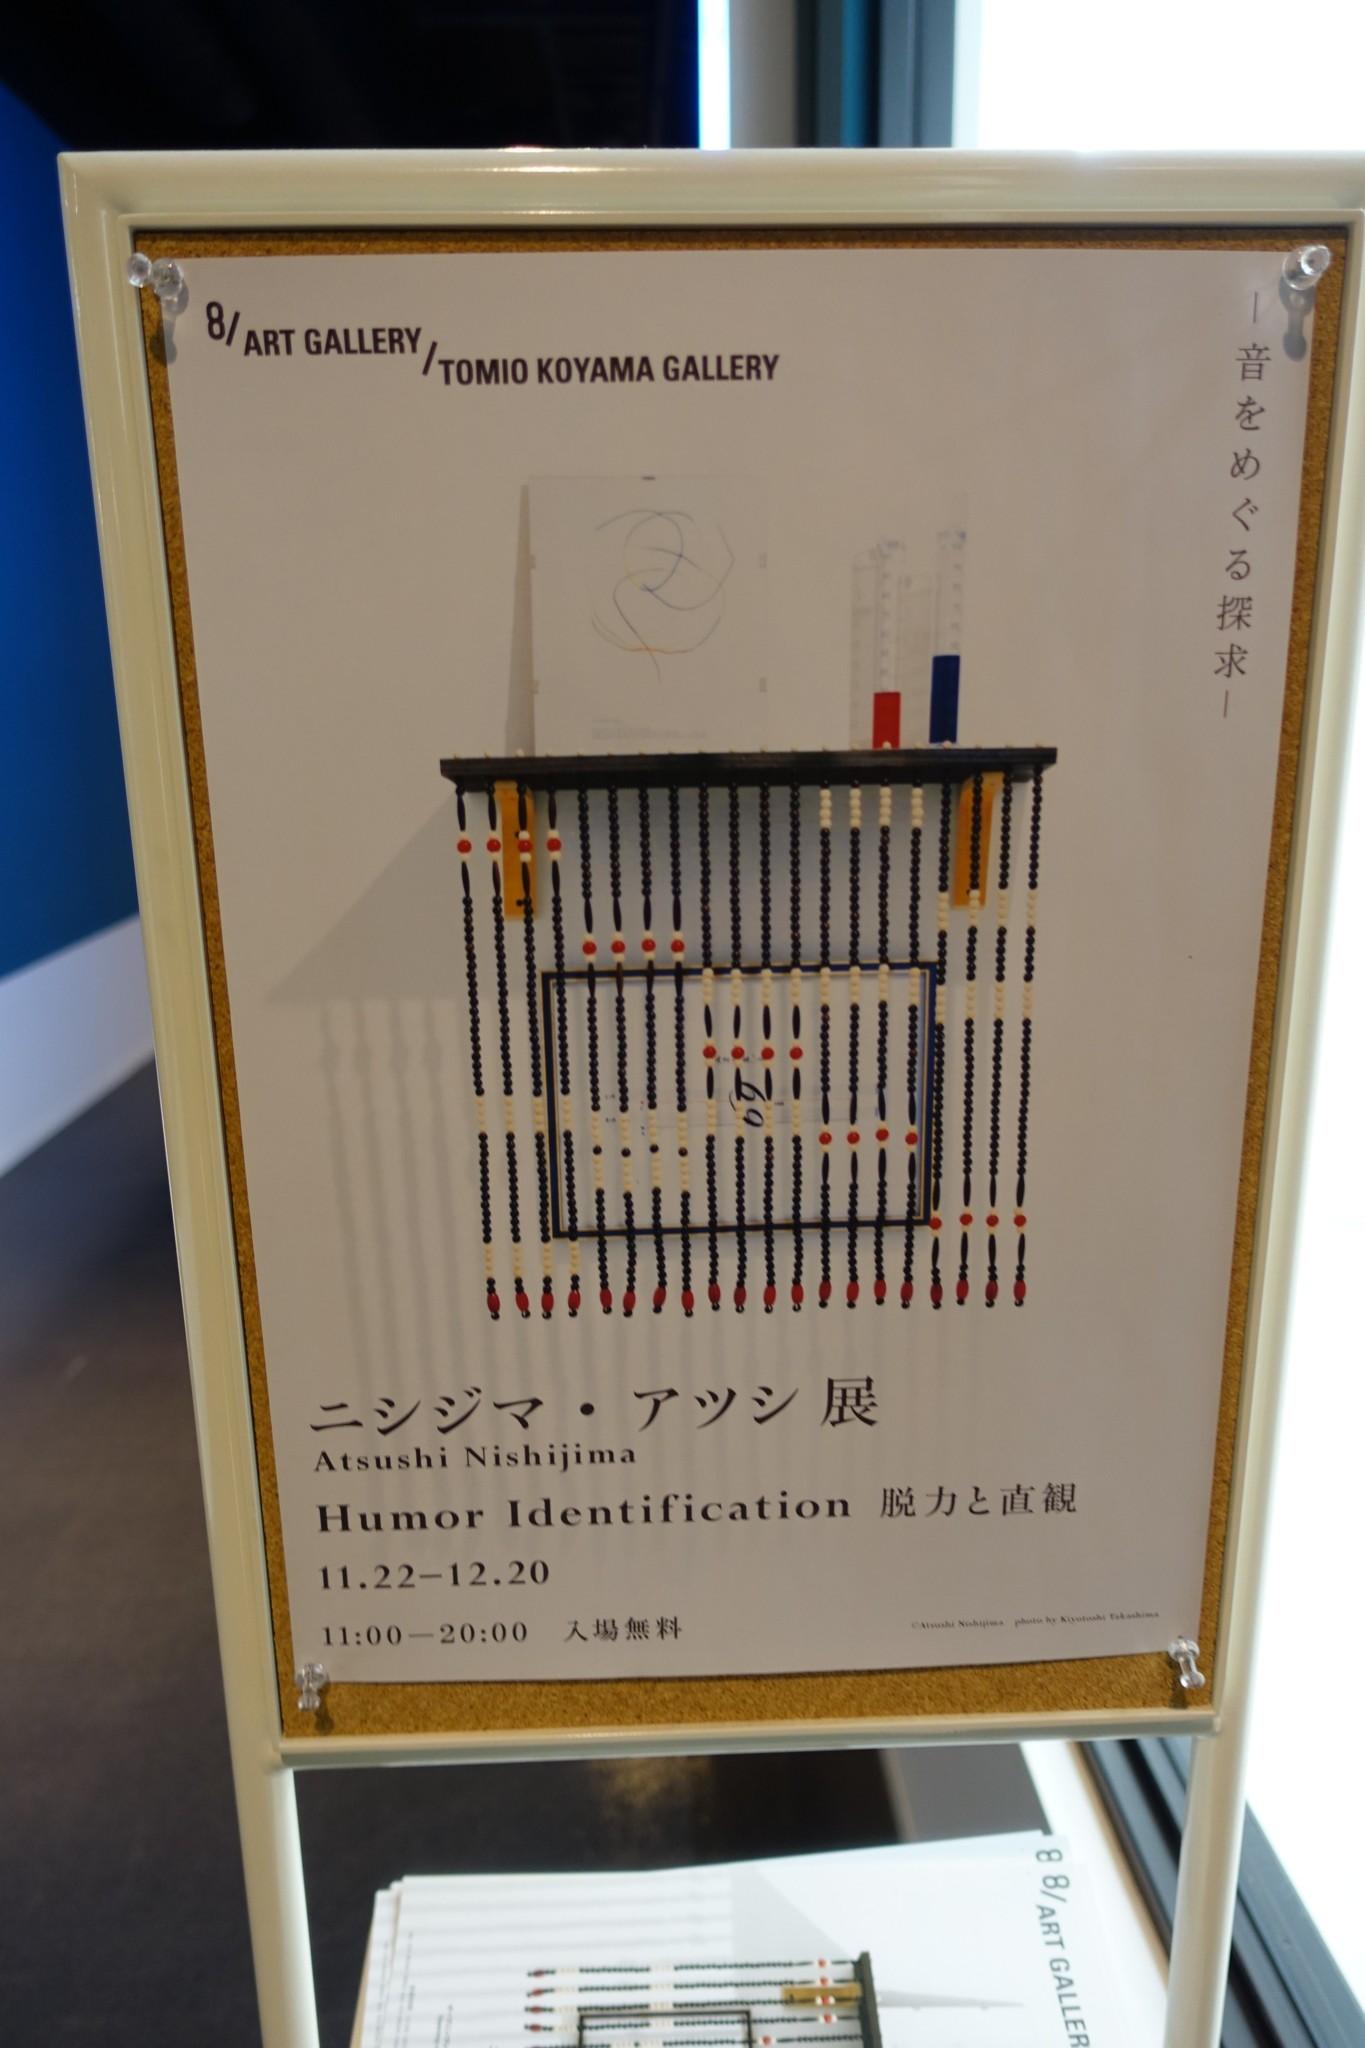 ニシジマ・アツシ展「Humor Identification 脱力と直観」